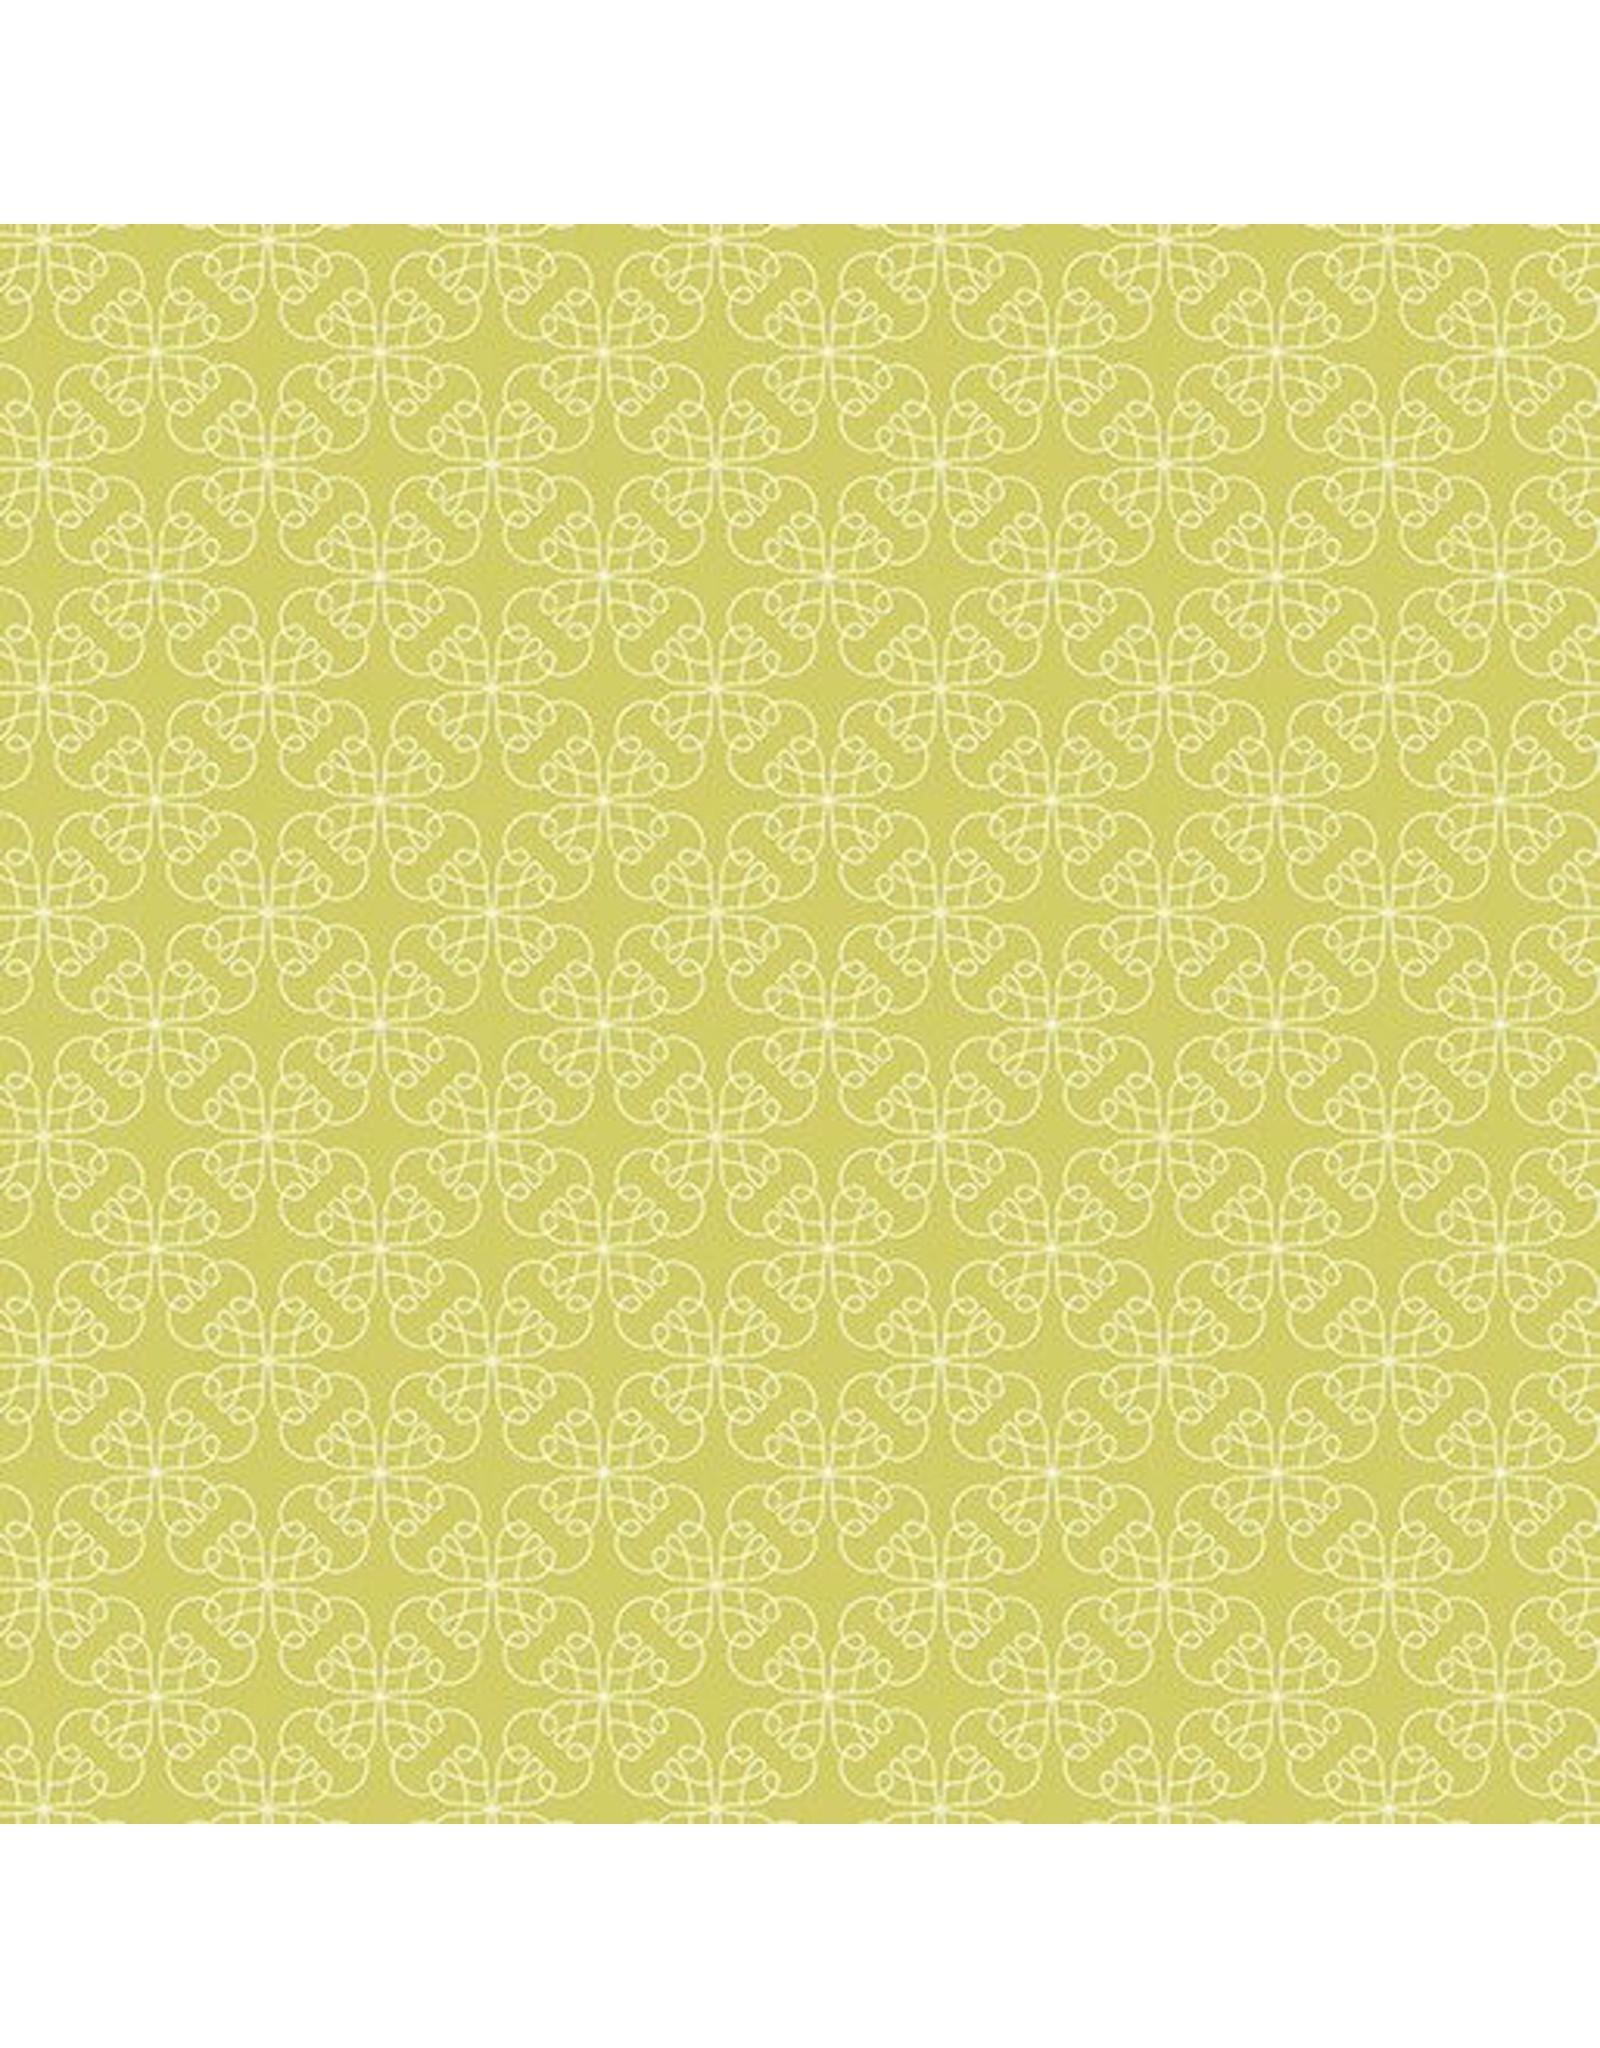 Contempo Gloaming - Filament Lime